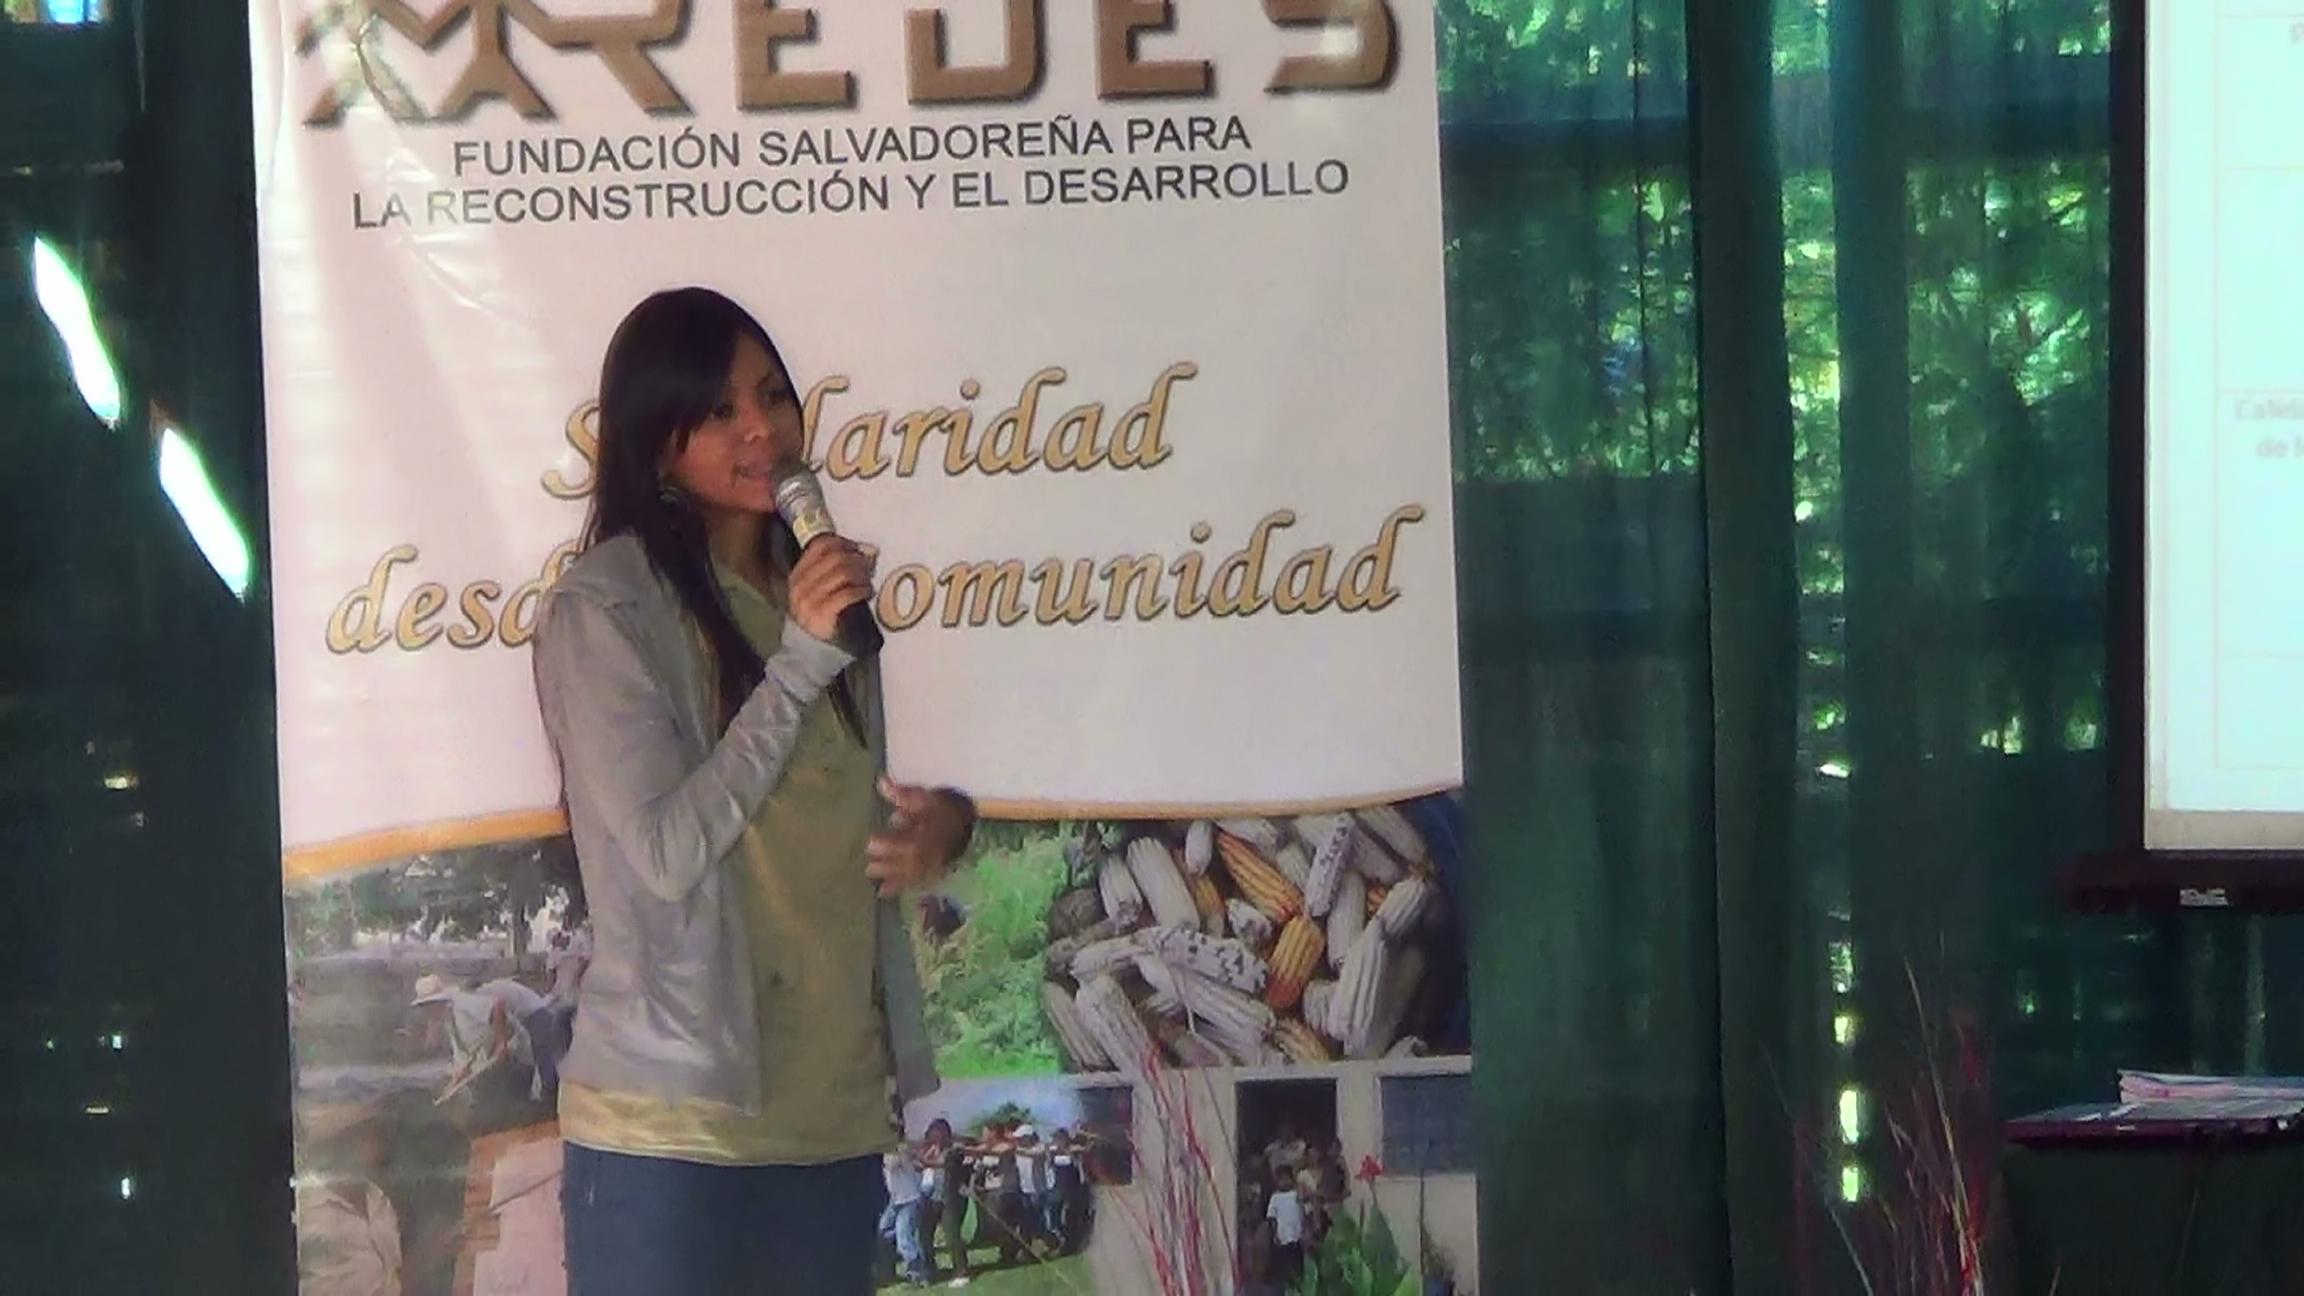 REDES propone unificar agenda contra el hambre